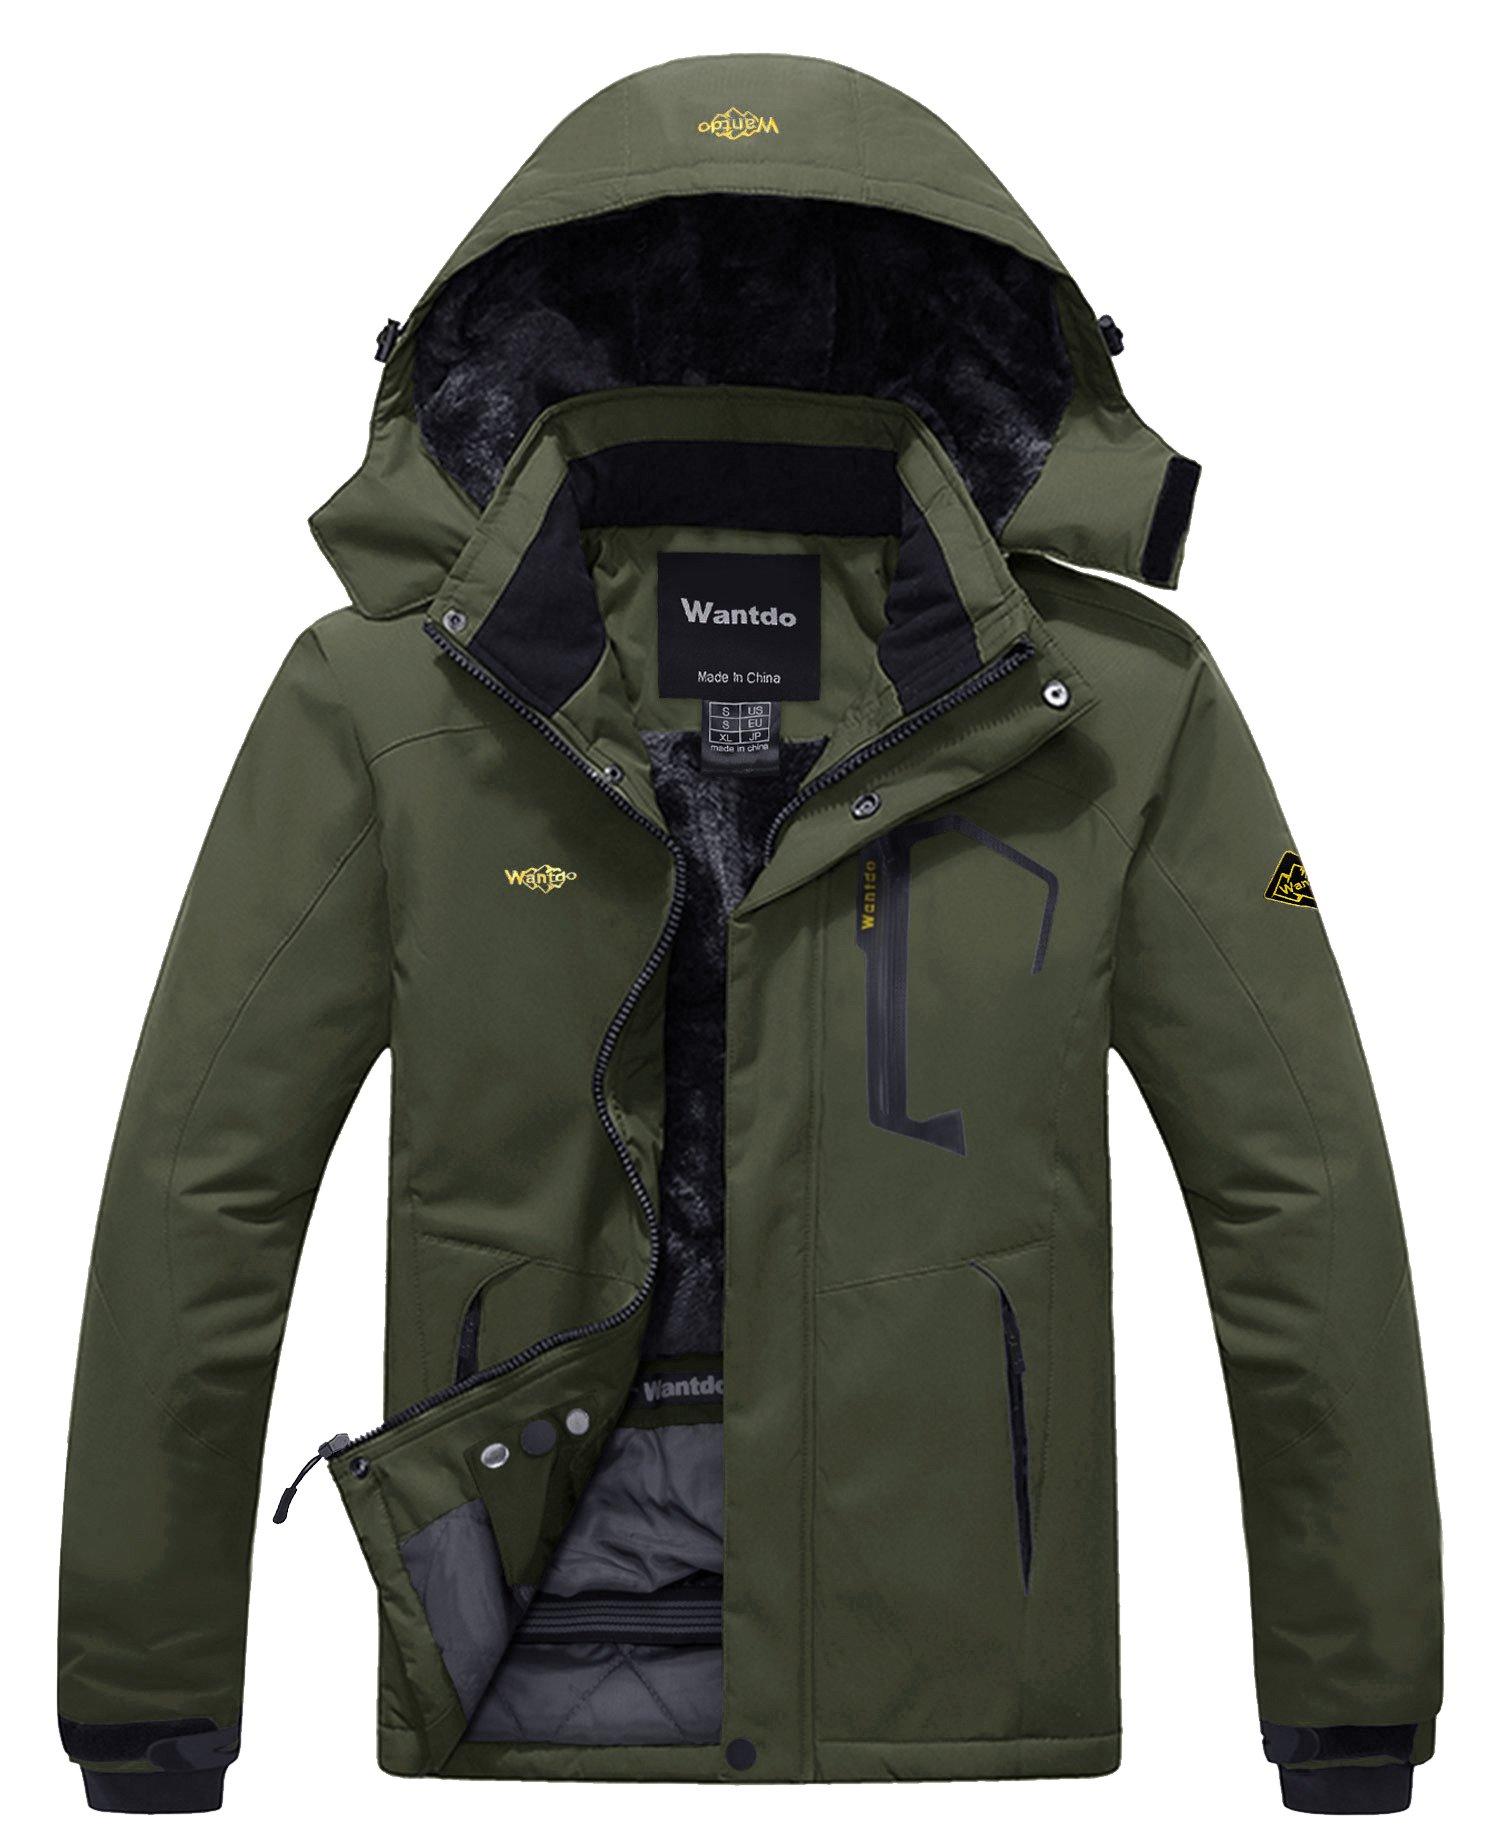 Wantdo Men's Waterproof Fleece Ski Jacket Windproof Snow Jacket Army Green S